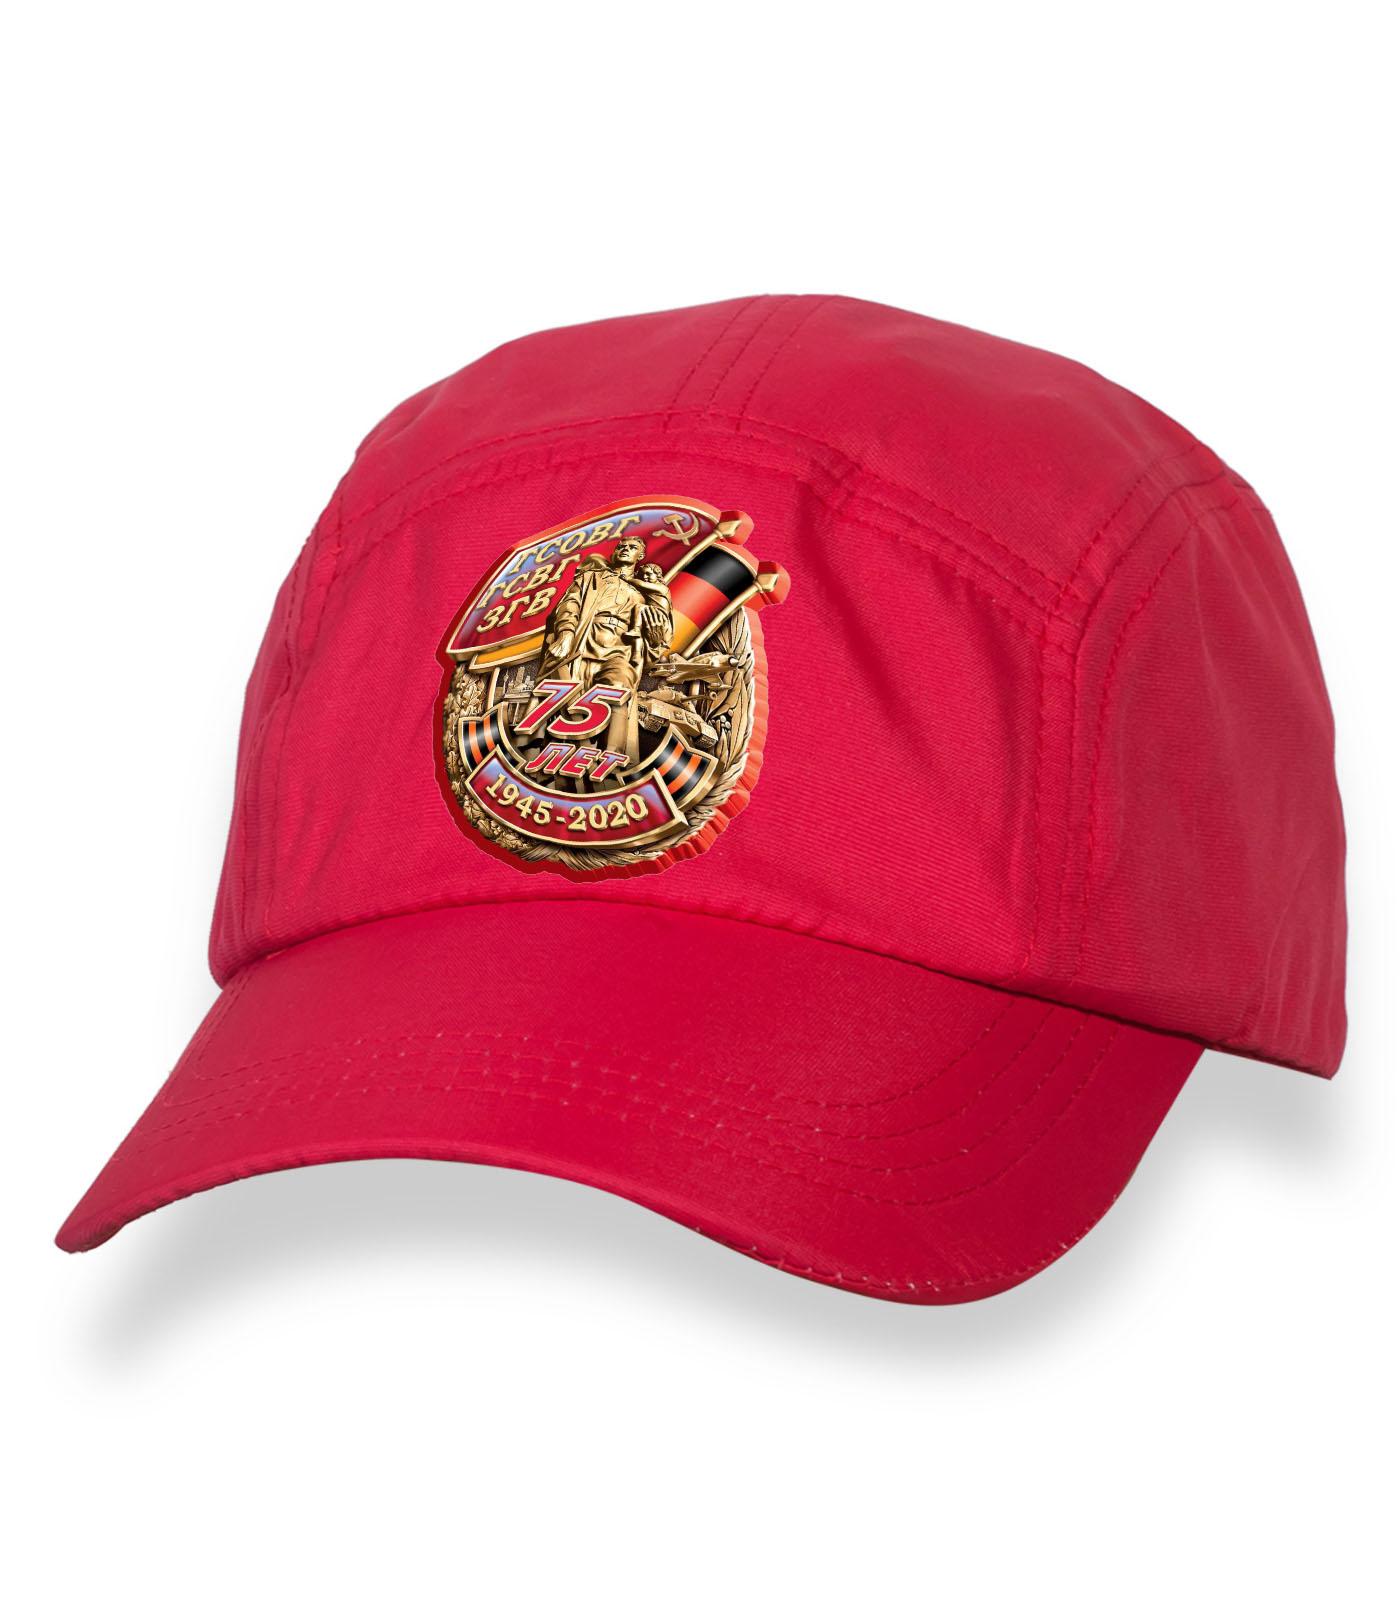 Стильная красная бейсболка с термотрансфером ГСВГ